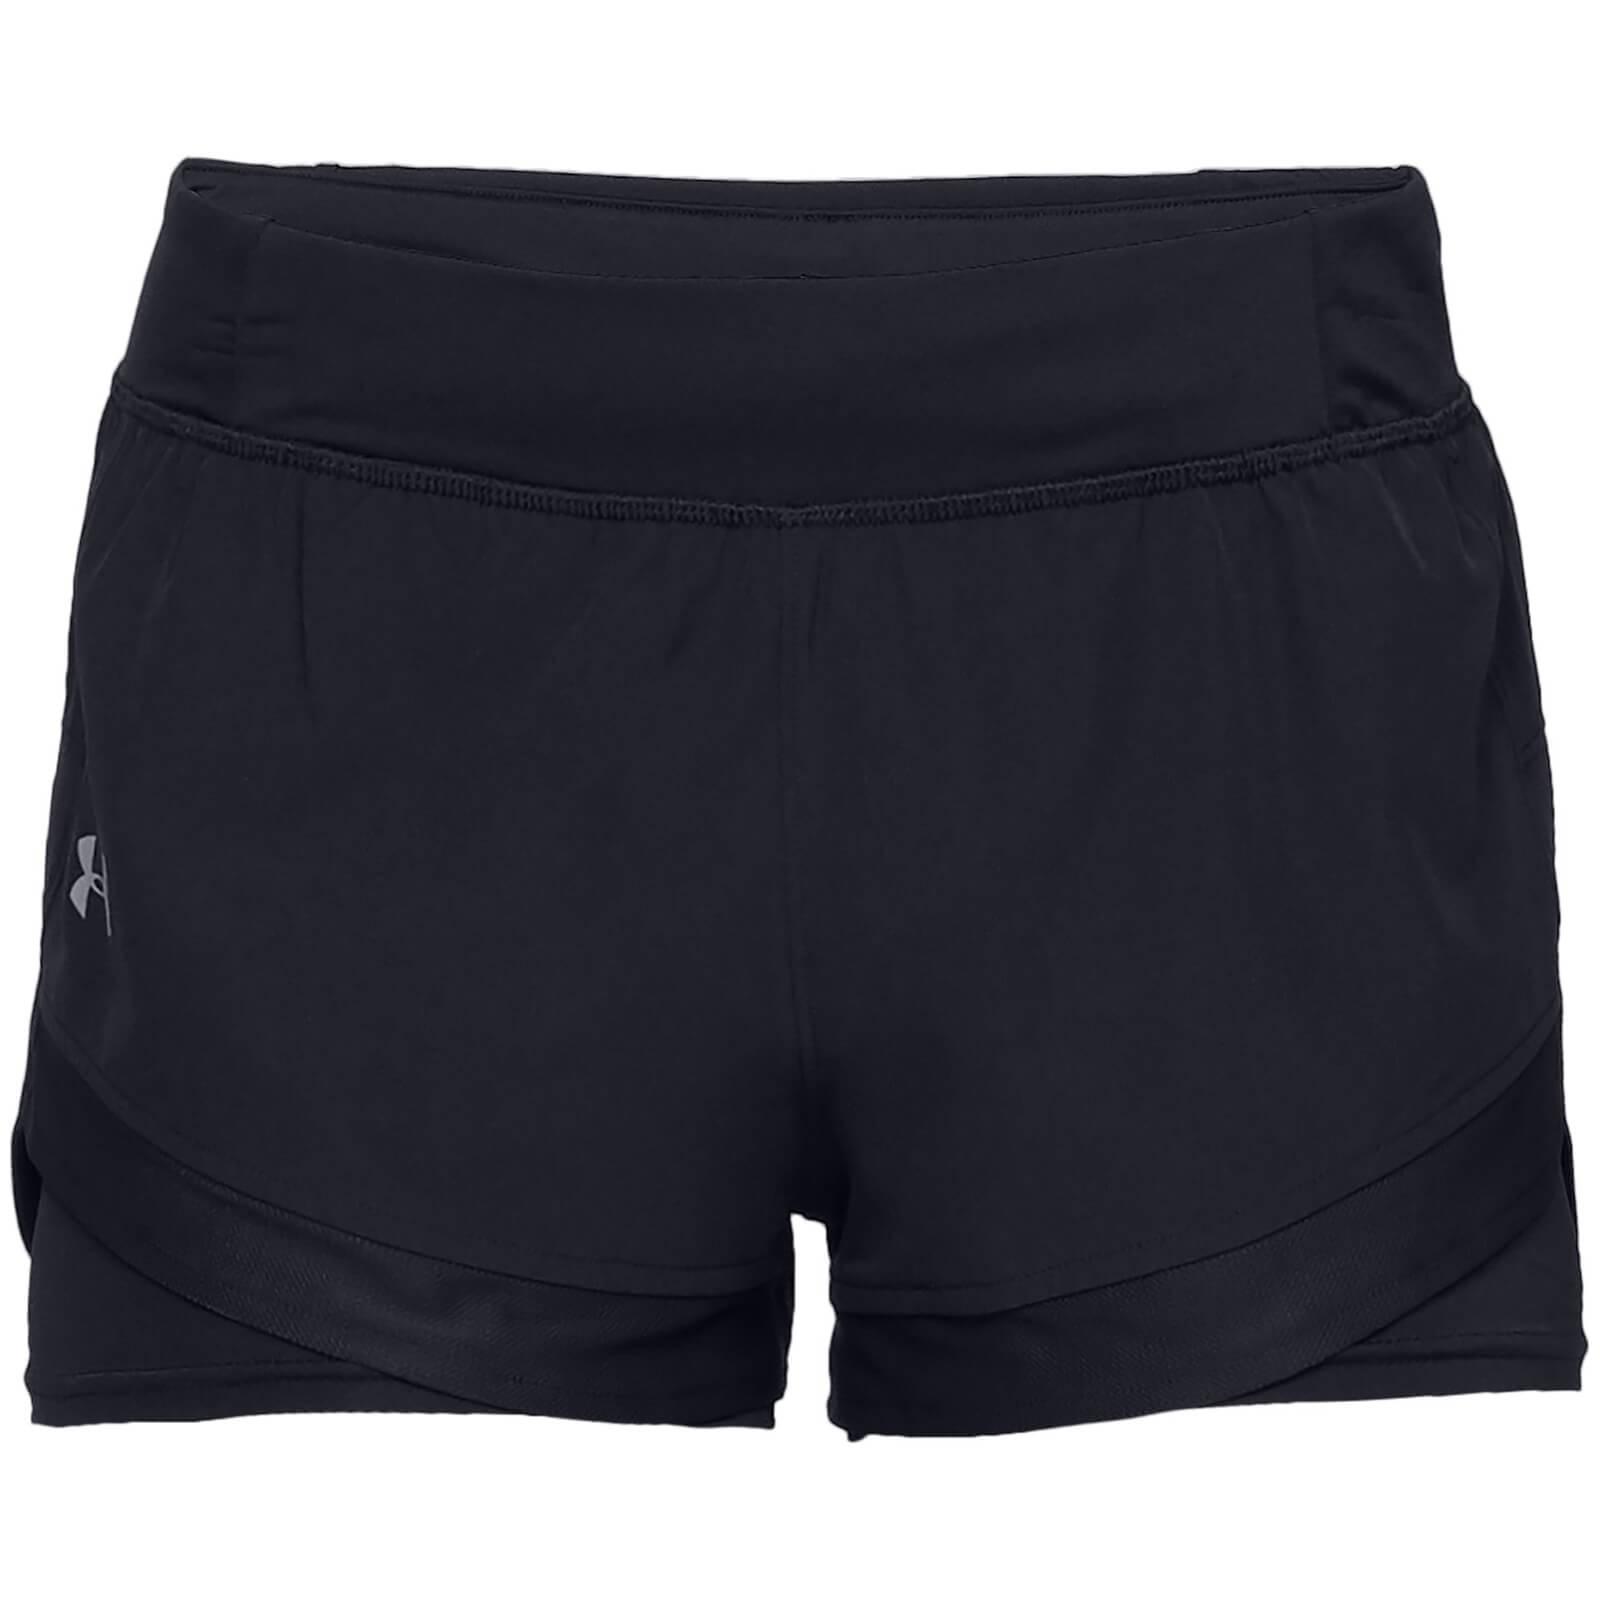 757ec30bbb Under Armour Women's Qualifier Speed Pocket 2-in-1 Shorts - Black